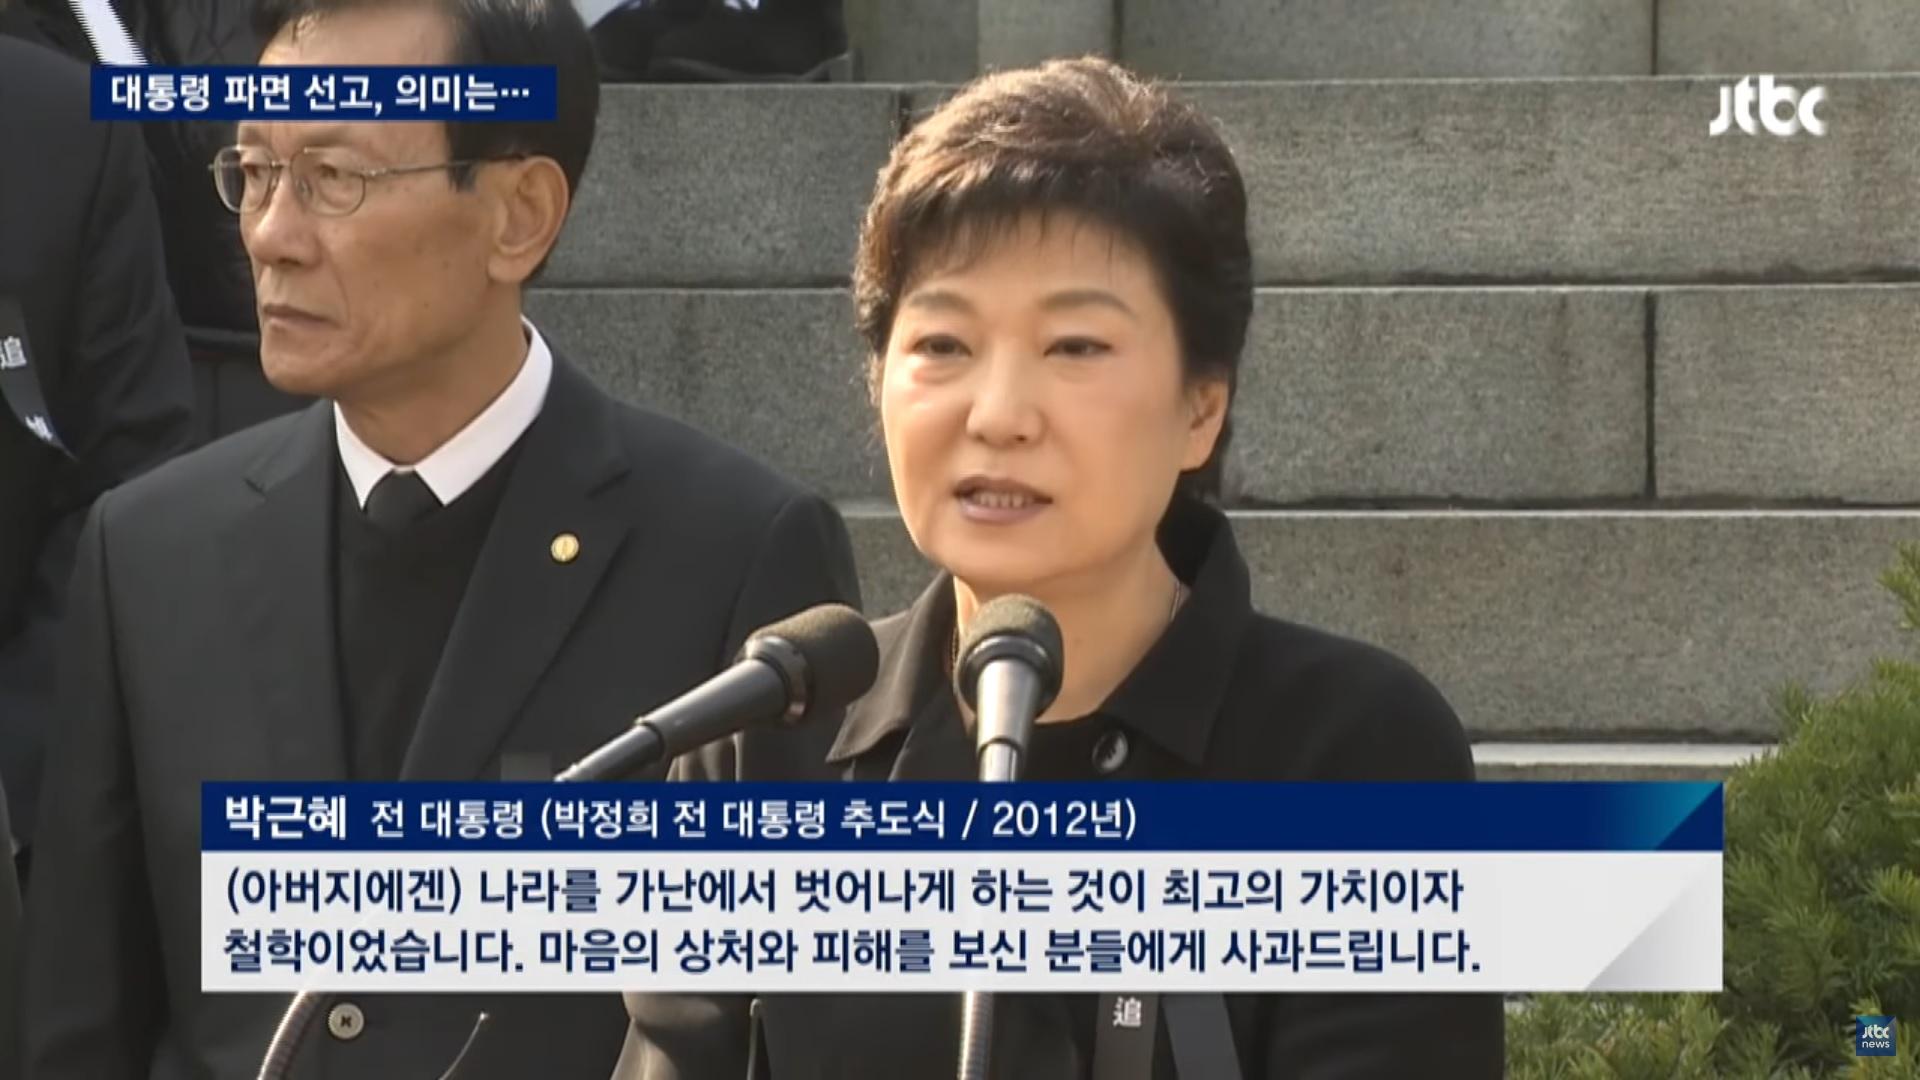 박근혜 씨의 구속 영장이 청구됐다. 탄핵 이후 17일만의 일이다.